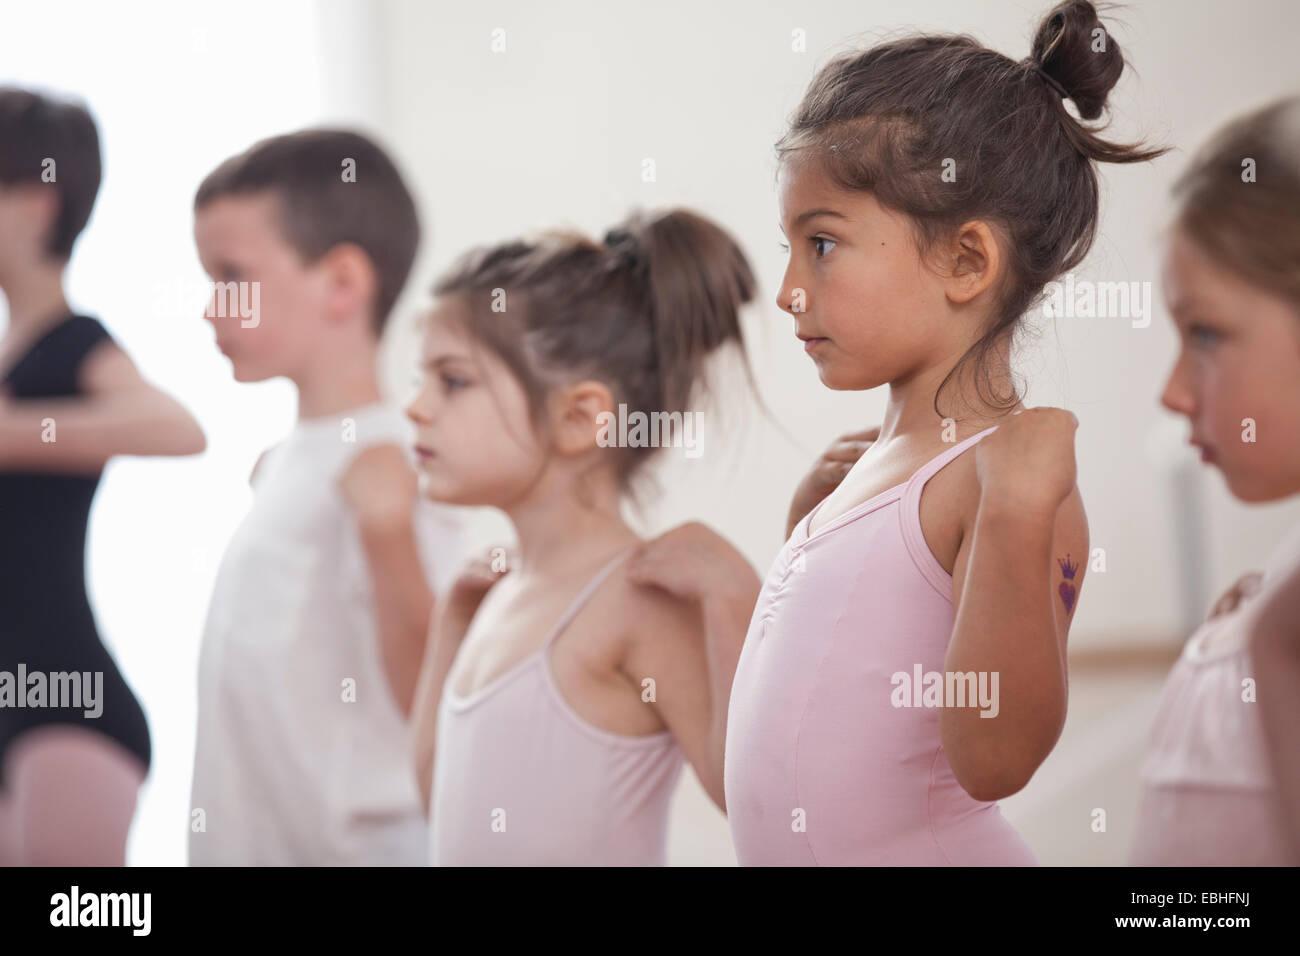 La fila de los niños que practican en la escuela de ballet Imagen De Stock